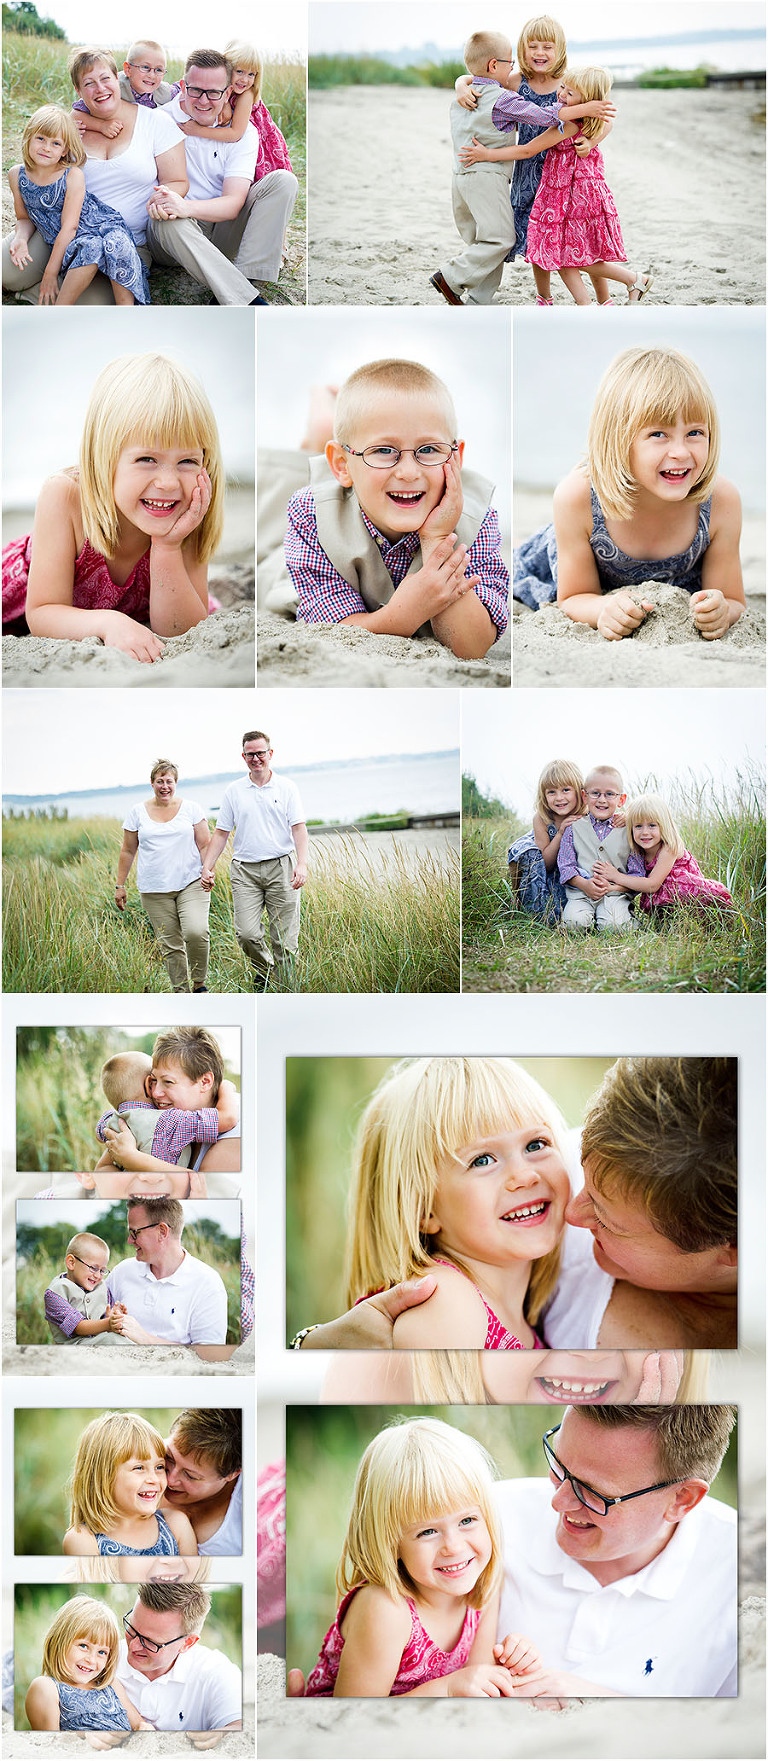 fotograf skåne, fotograf malmö strand, strandfoto, familjefotograf malmö, fotograf svedala